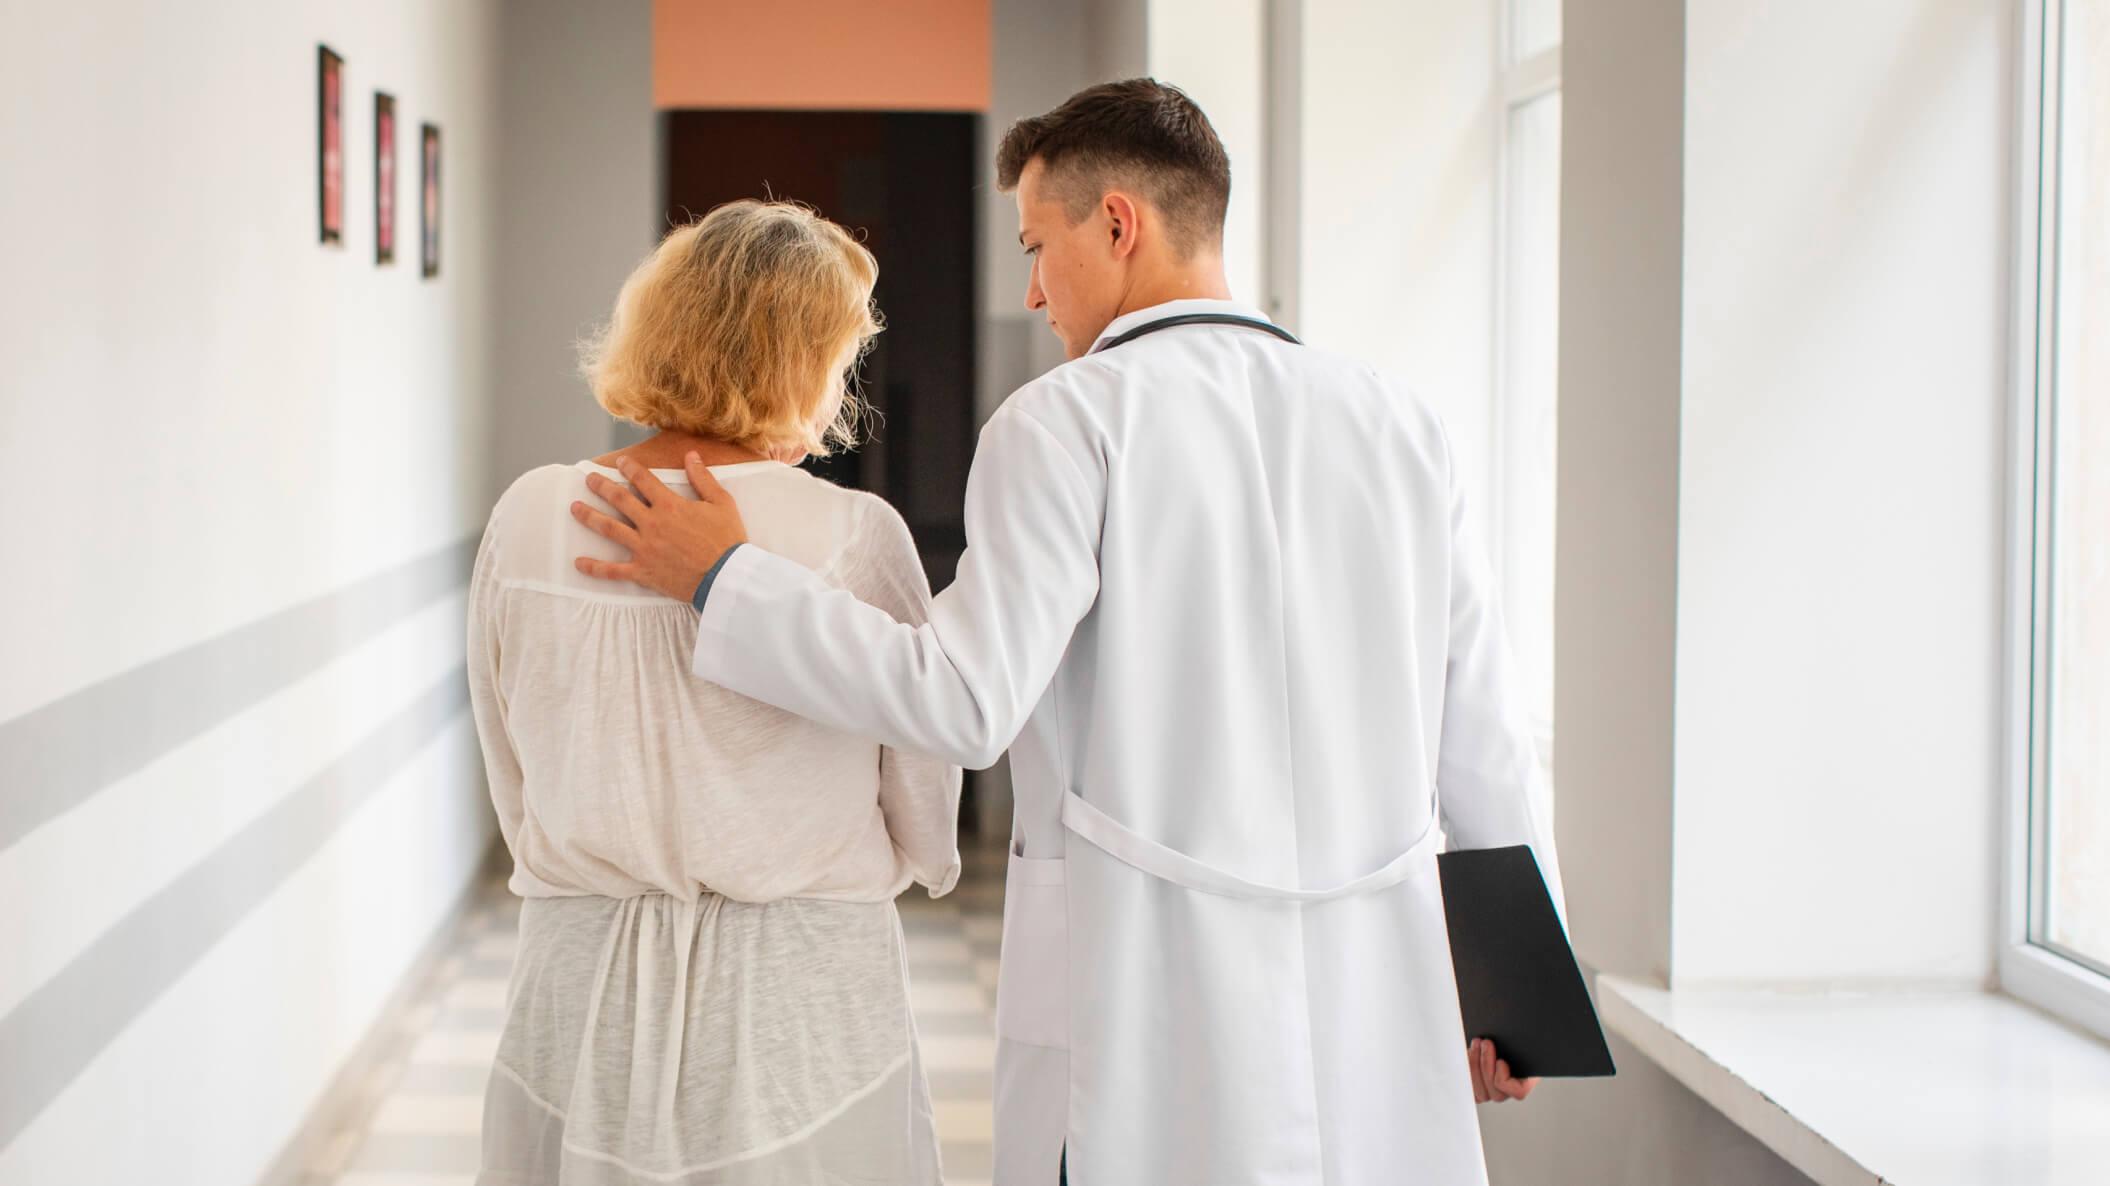 Bilde av en lege ved siden av en pasient.